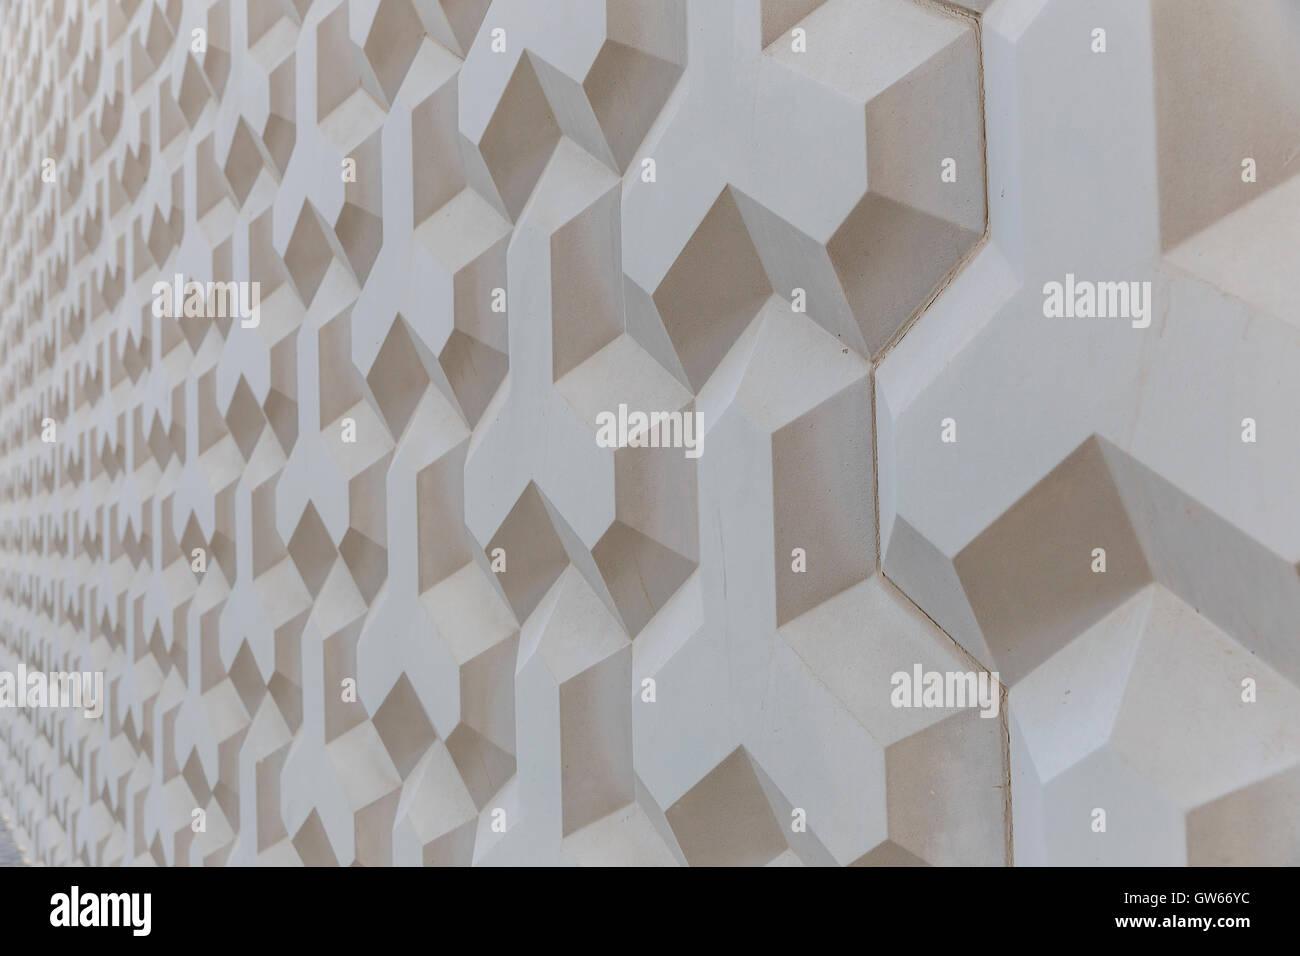 La texture della parete di forme geometriche Immagini Stock